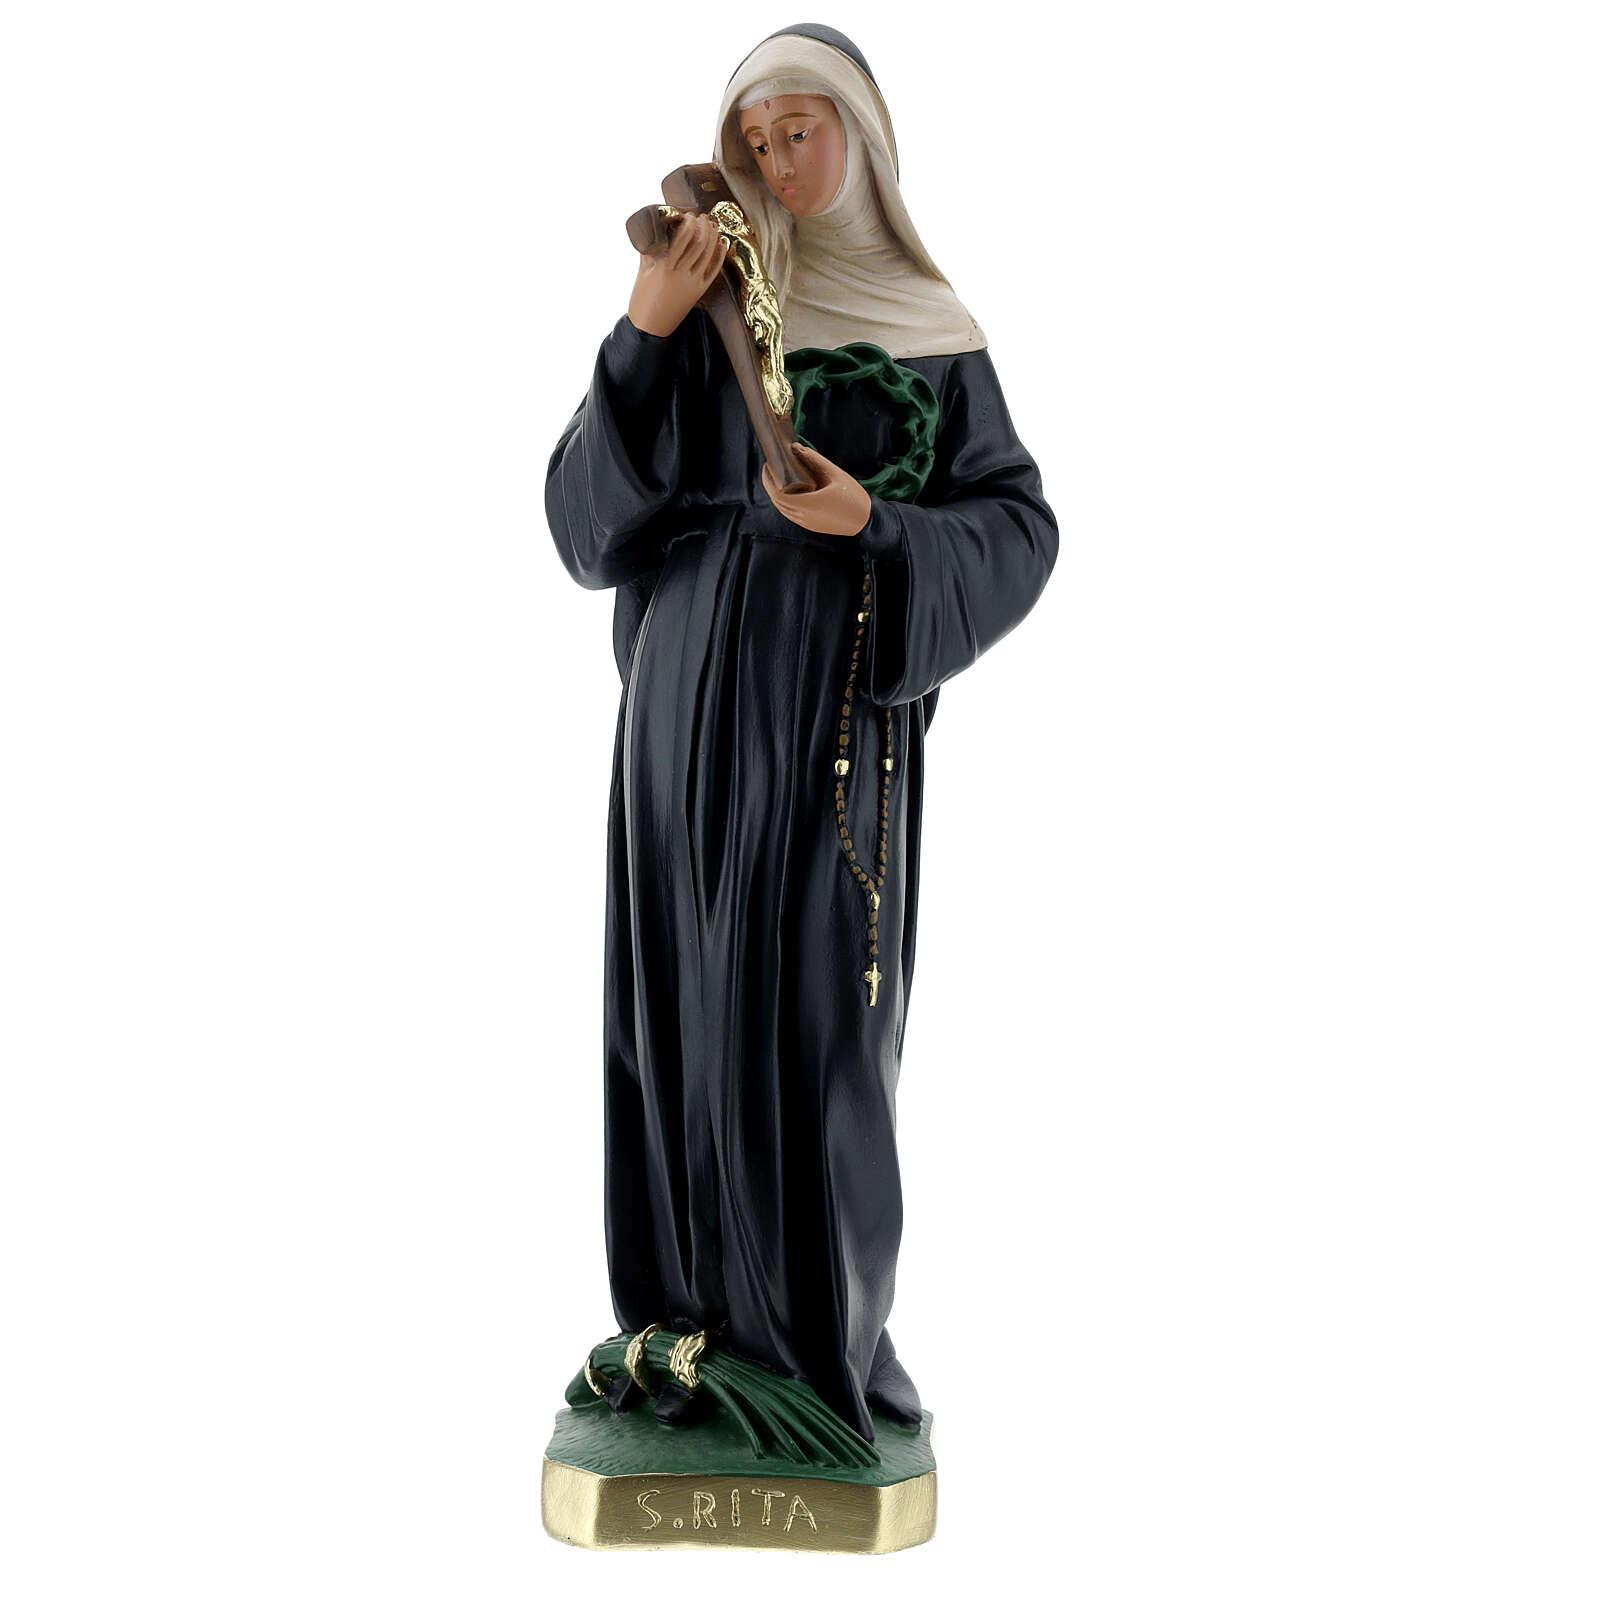 Estatua Santa Rita de Casia 40 cm yeso pintada a mano Barsanti 4